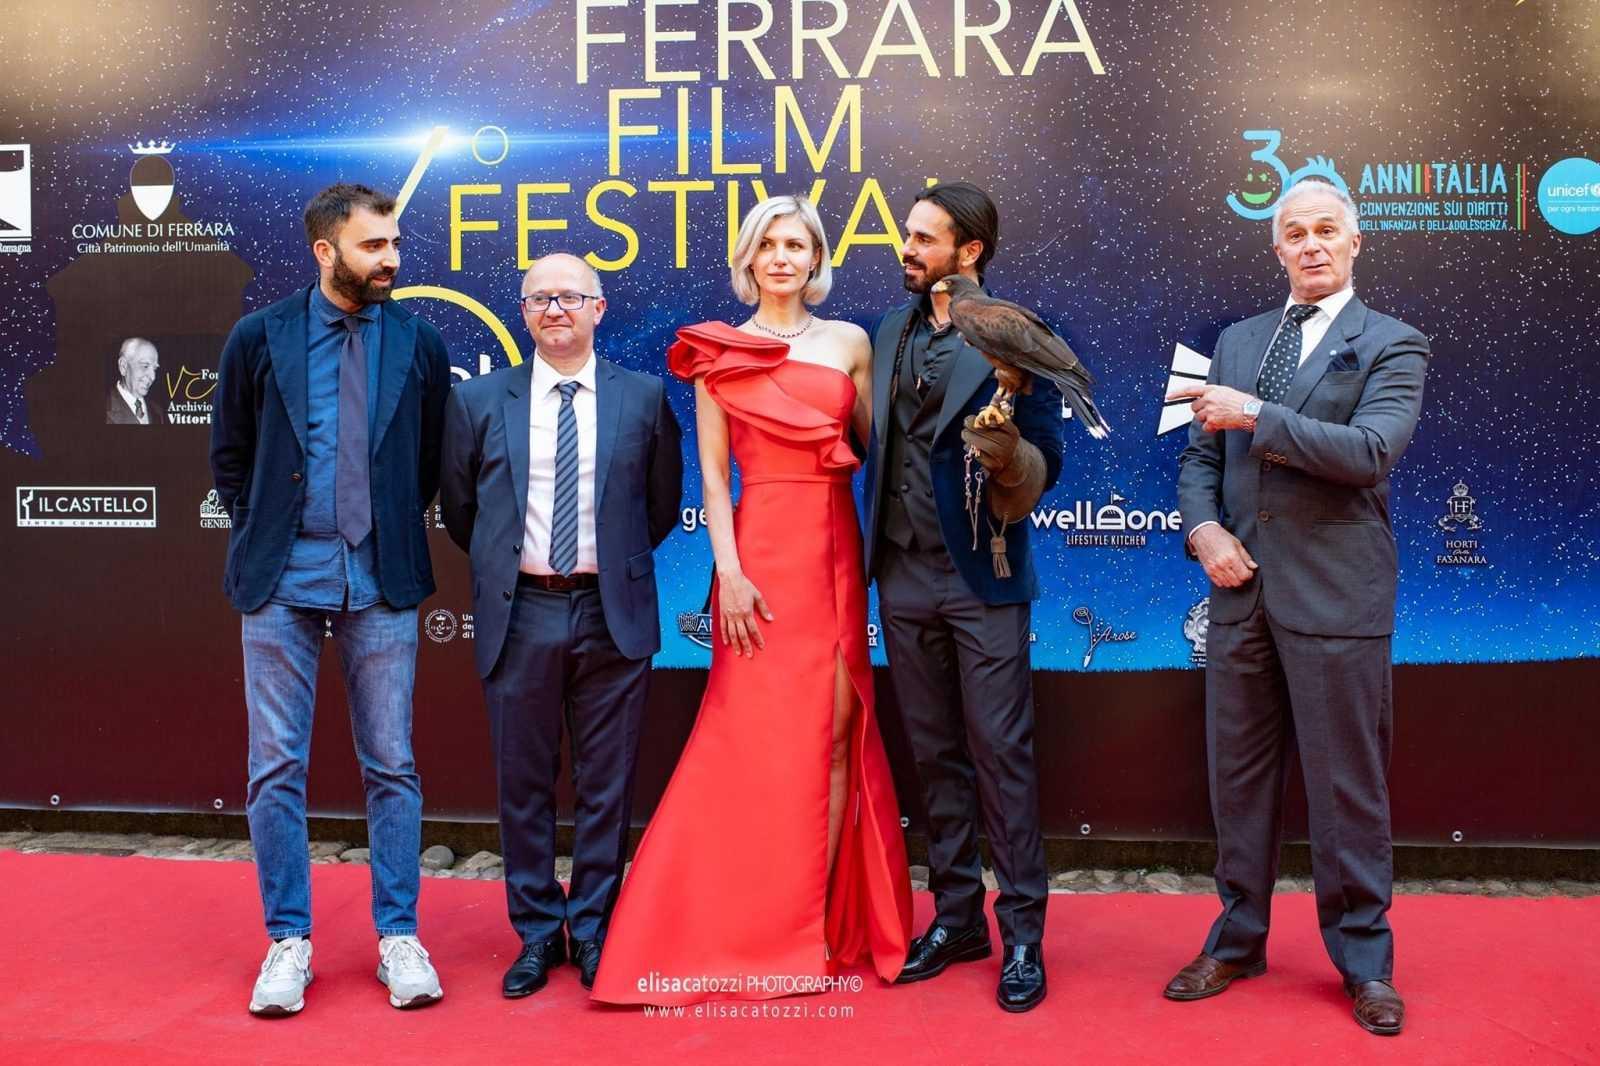 Film-documentario, Overland Movie conquista oltre 20 premi internazionali